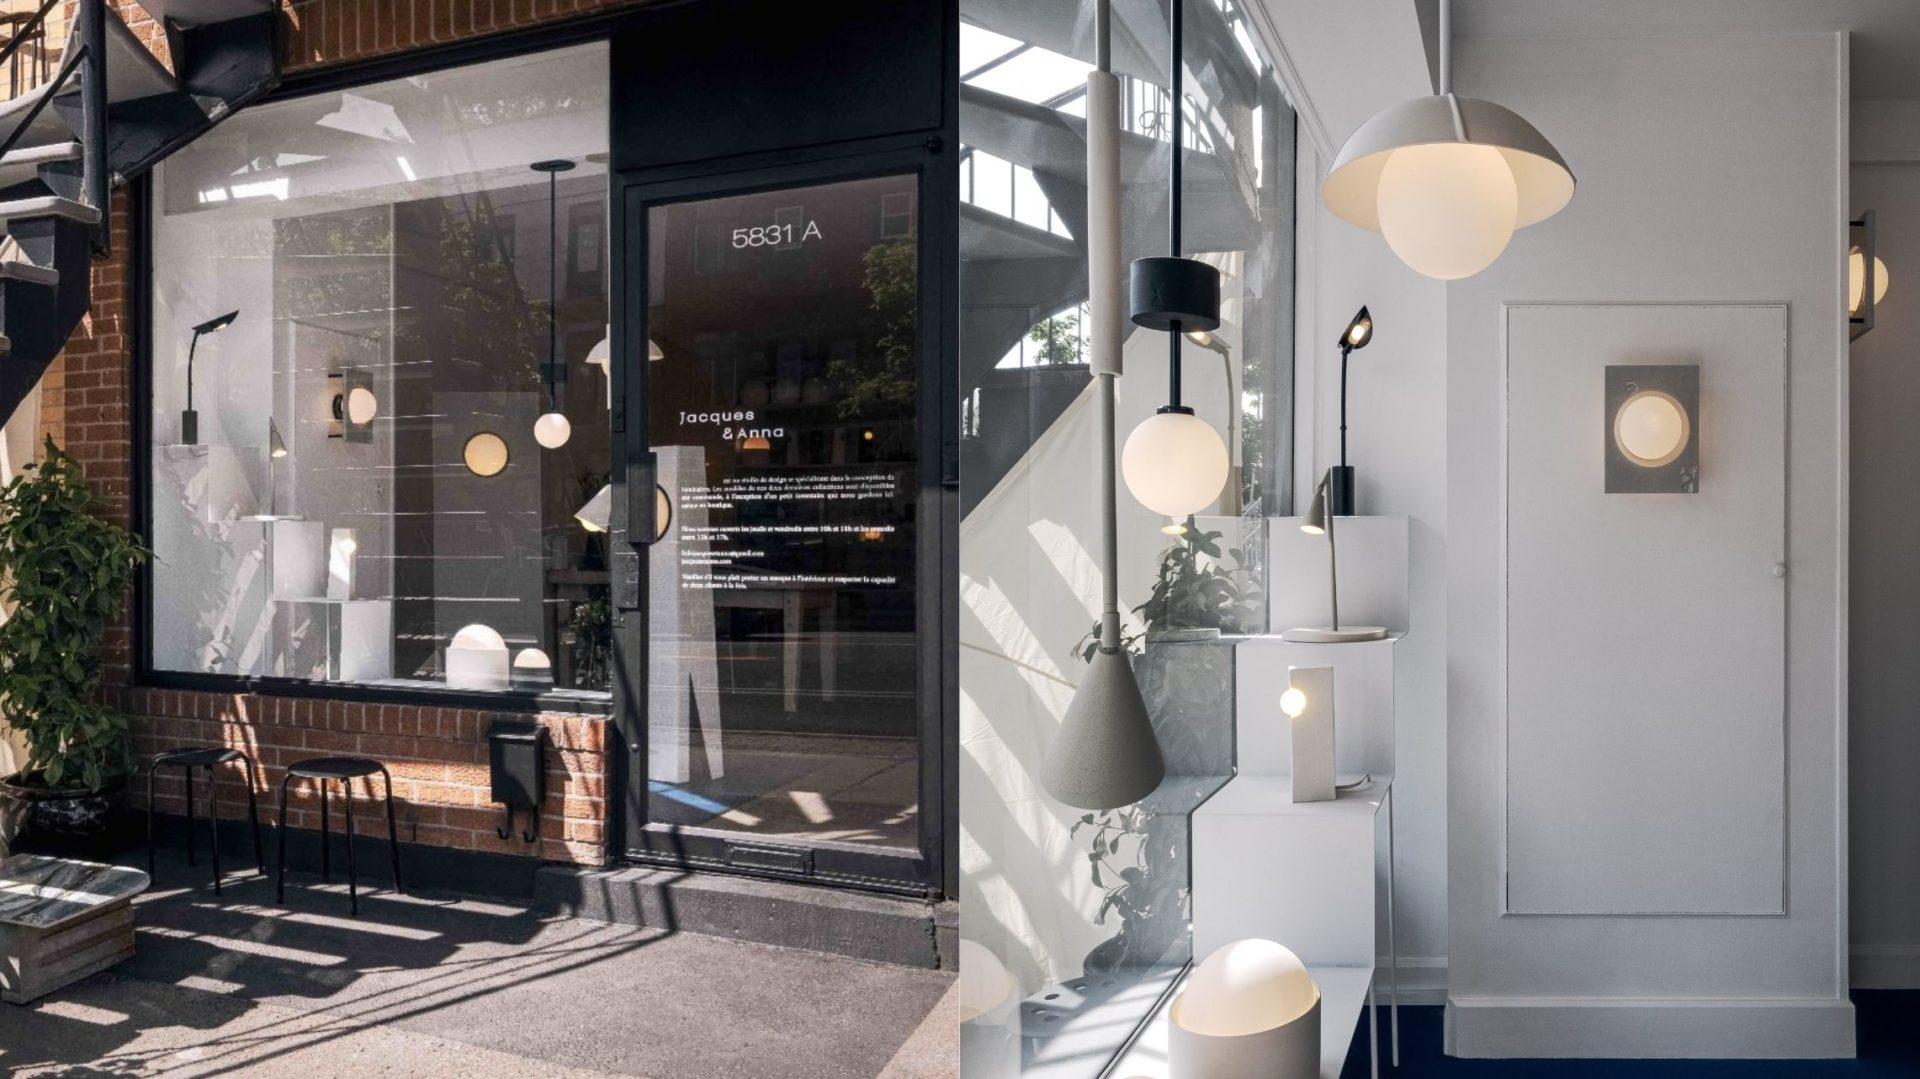 Le populaire studio de design de luminaires Jacques et Anna ouvre enfin sa propre boutique à Montréal! [PHOTOS]